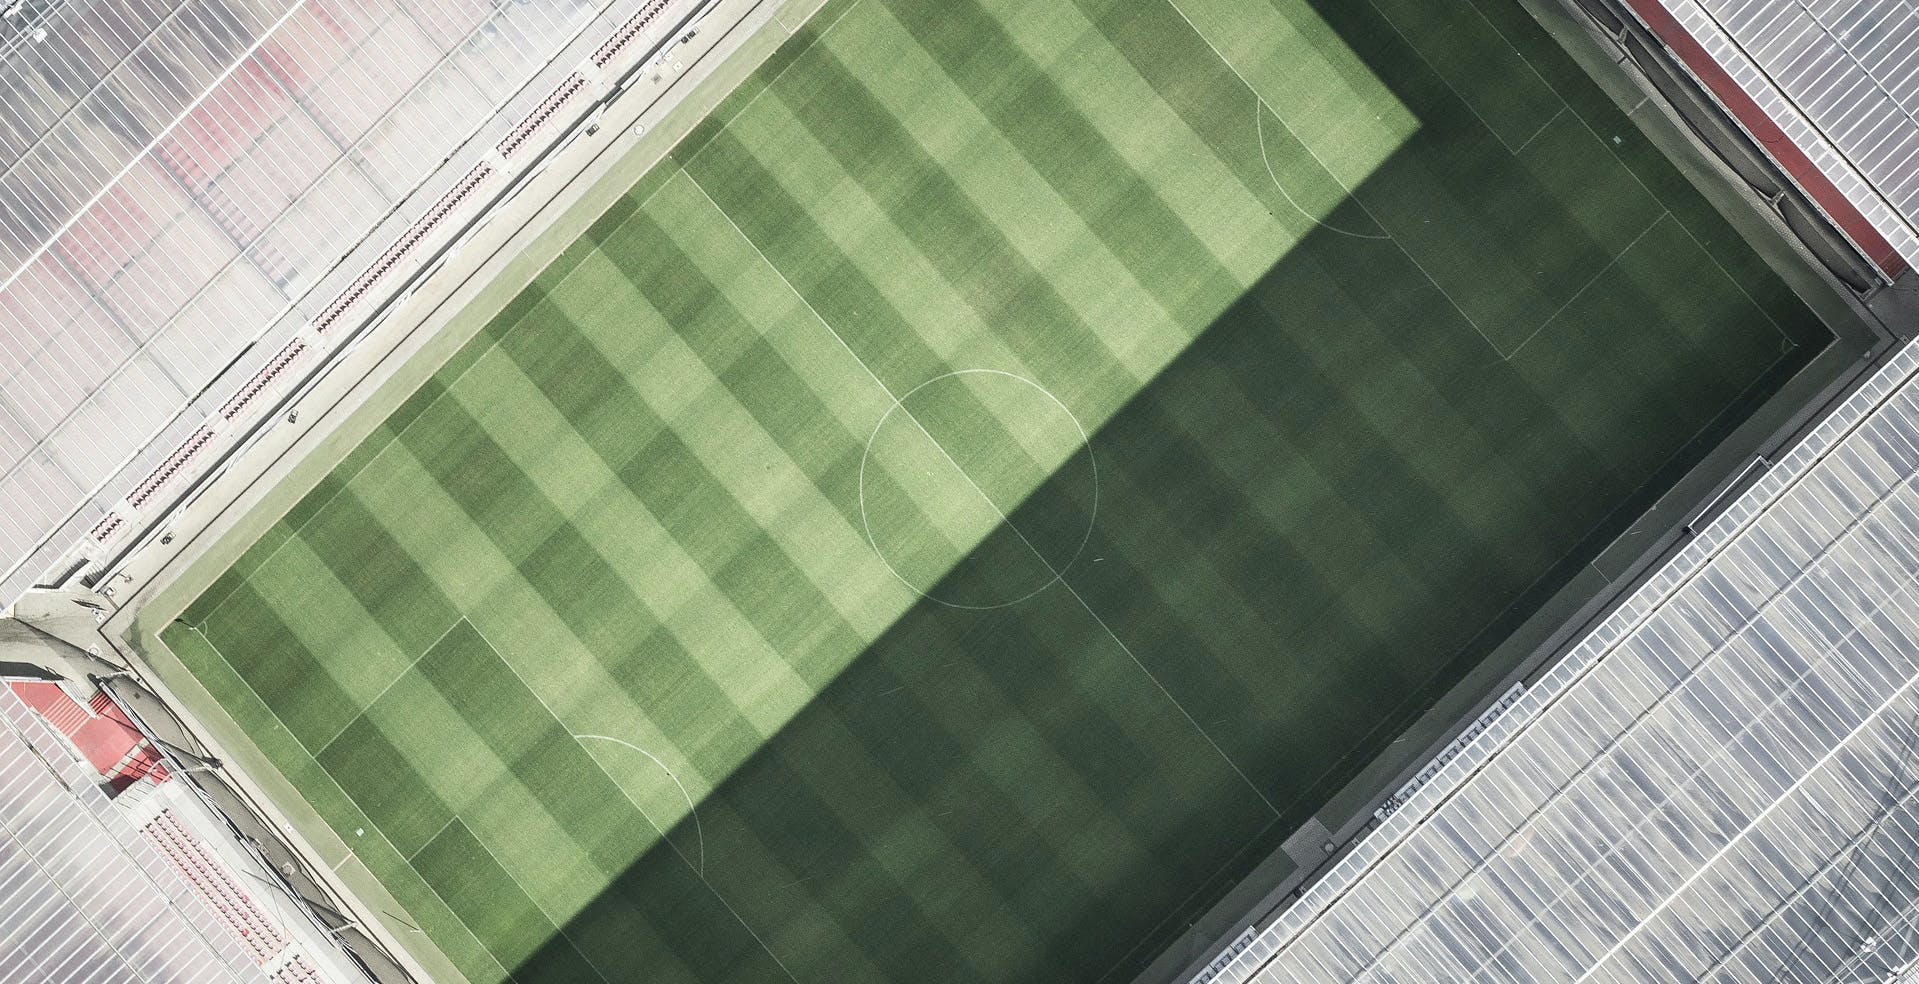 Calcio in TV, Sky mette le mani su 3 partite della Serie A. Ritirato il ricorso in tribunale contro DAZN